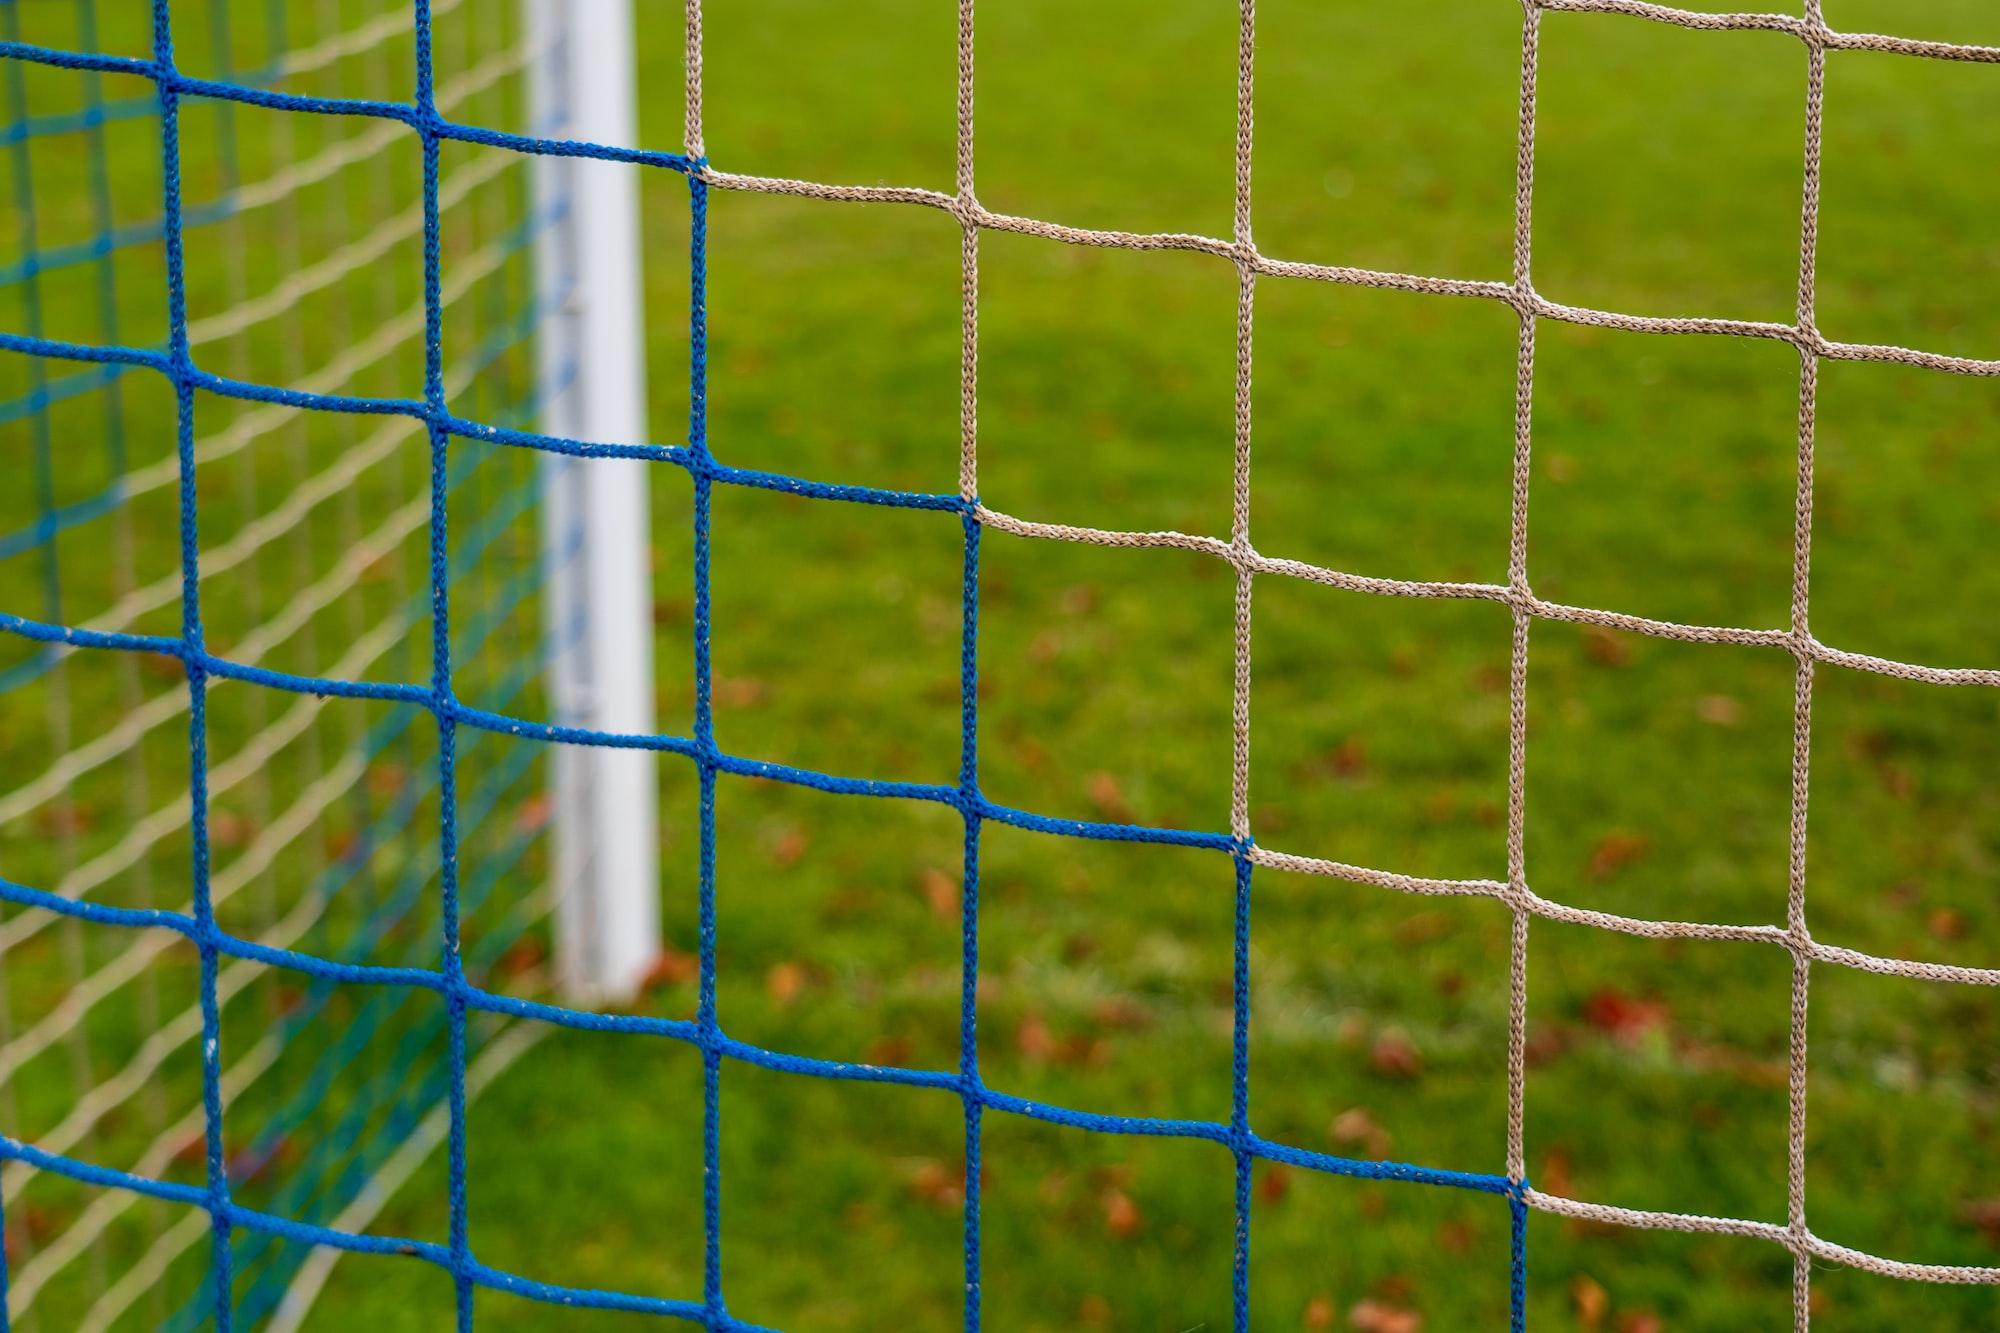 Serie A: pronostico 34a giornata, schedina calcio e quote vincenti